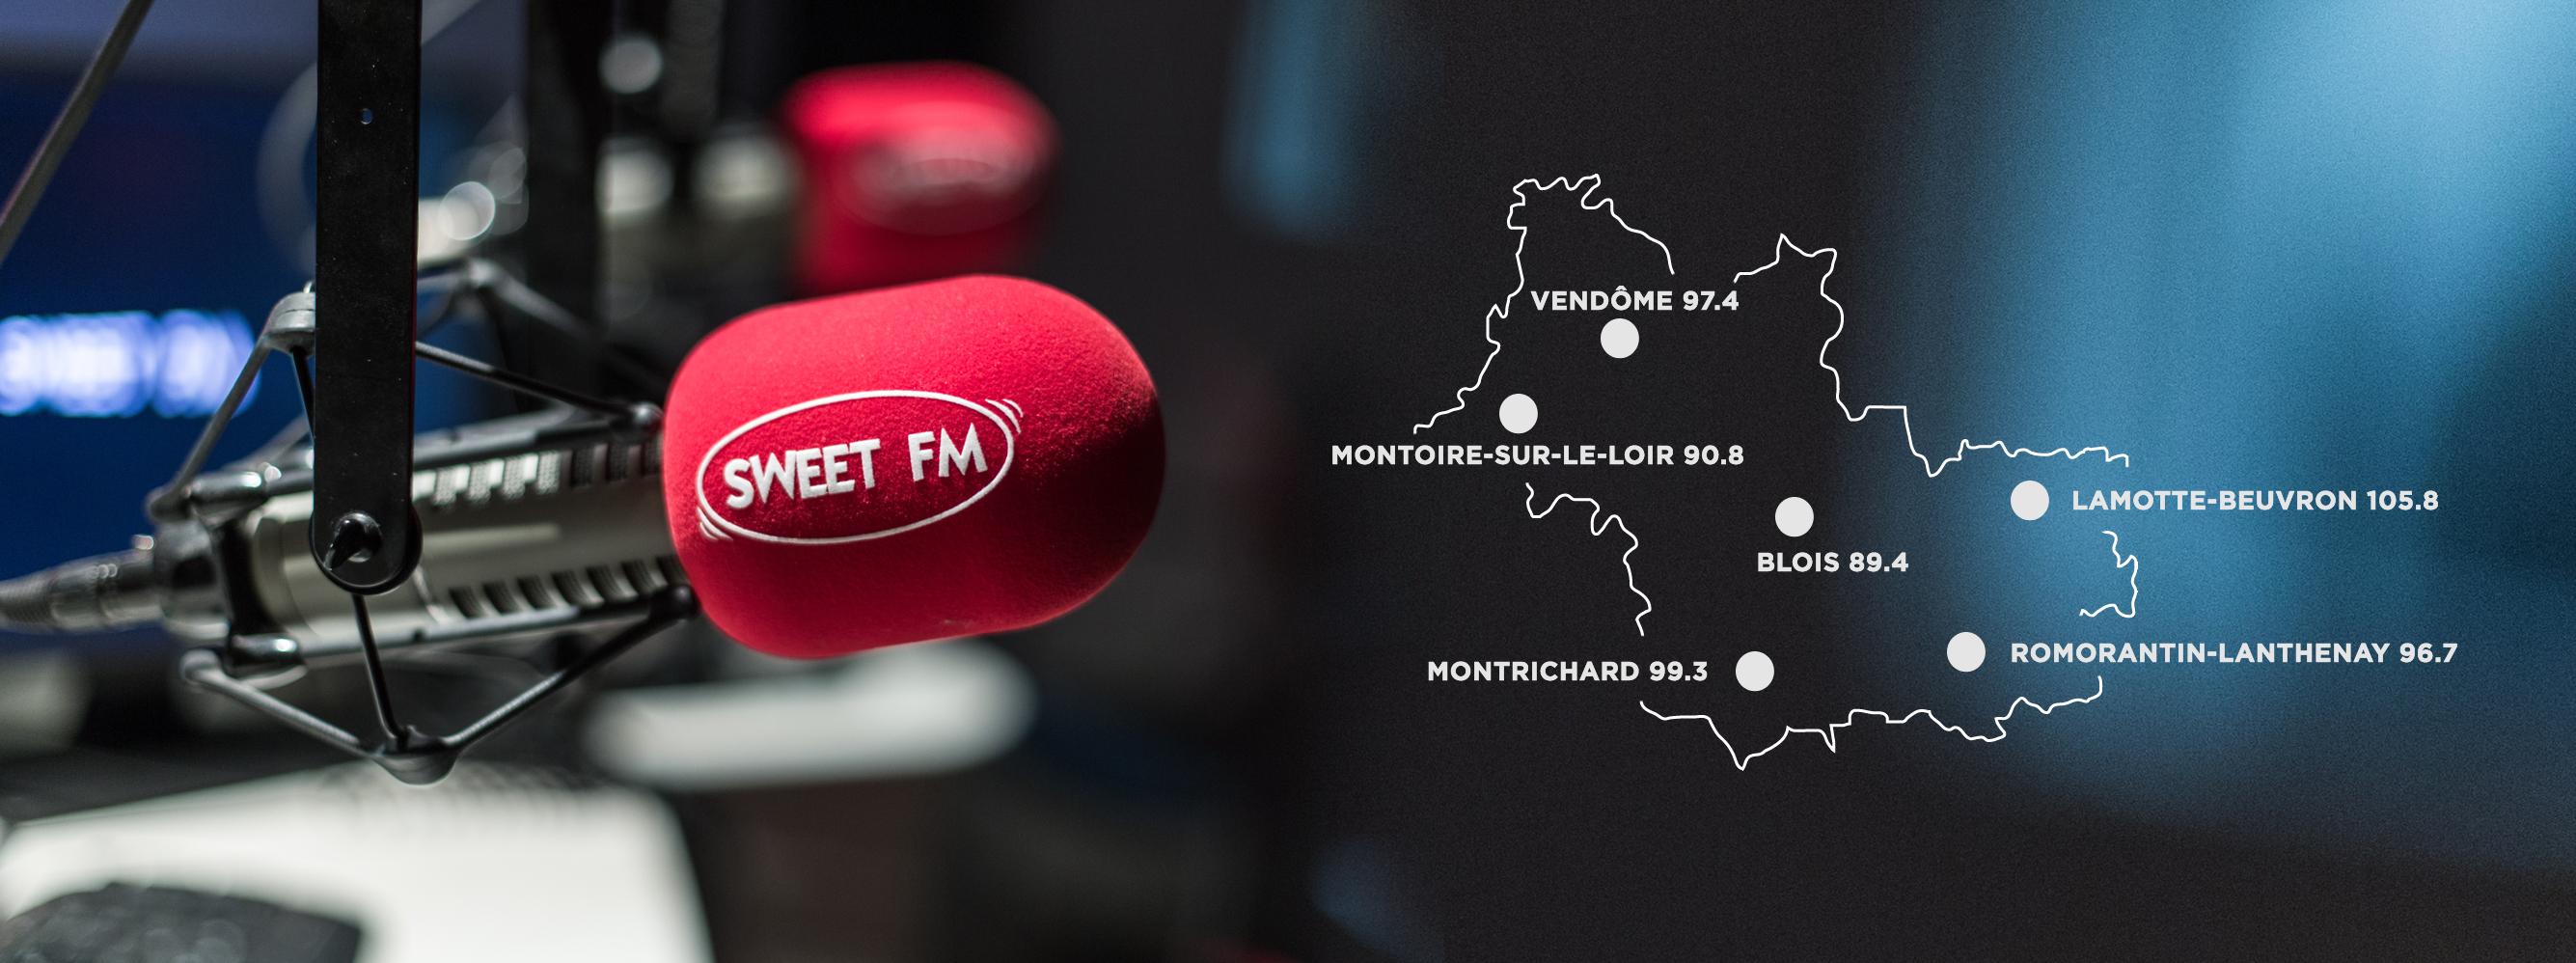 Sweet FM étend sa couverture au Loir-et-Cher